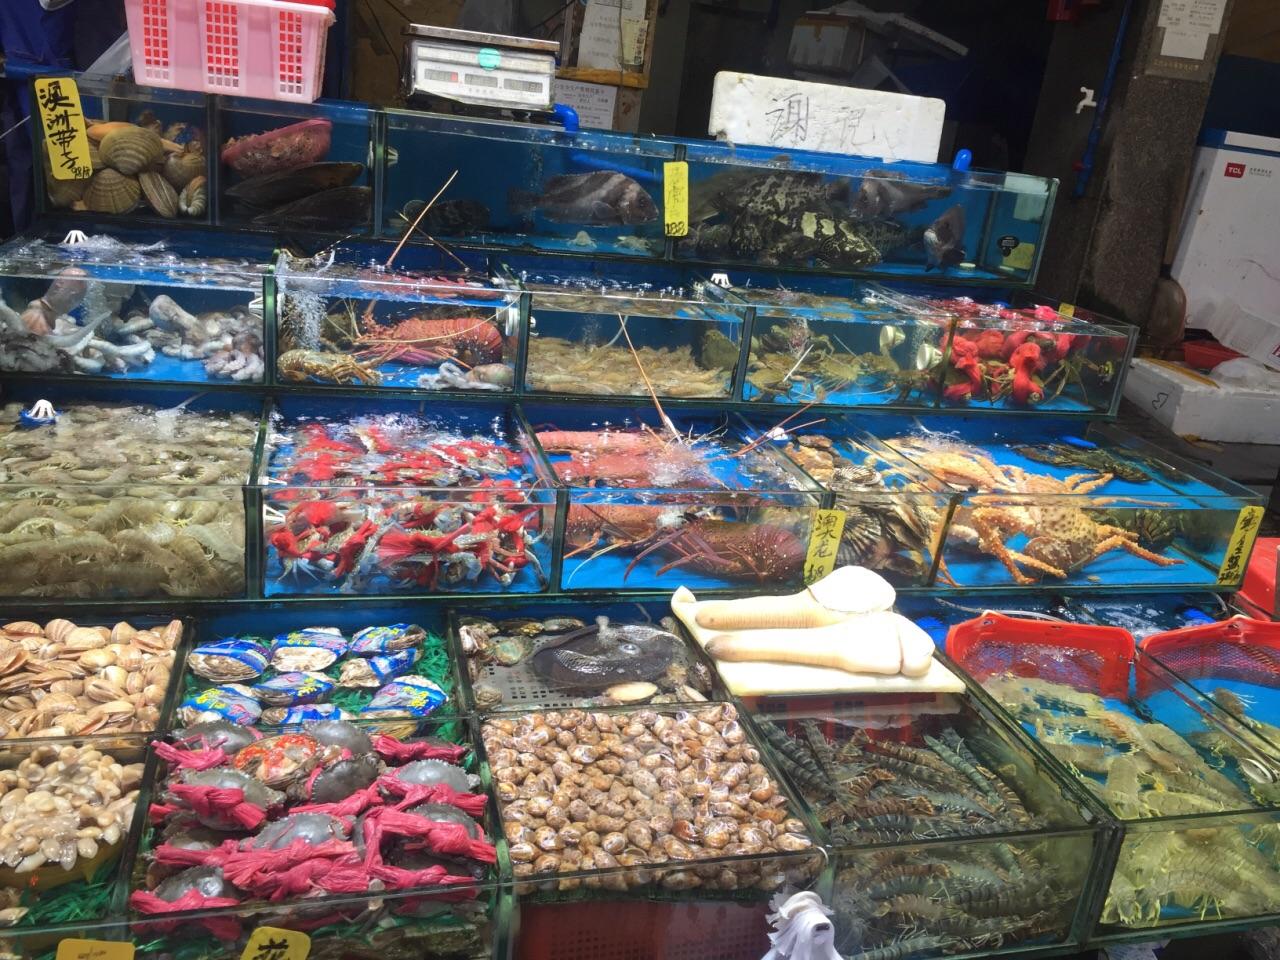 广州水产市场_广州黄沙海鲜水产交易市场购物攻略,黄沙海鲜水产交易市场物 ...